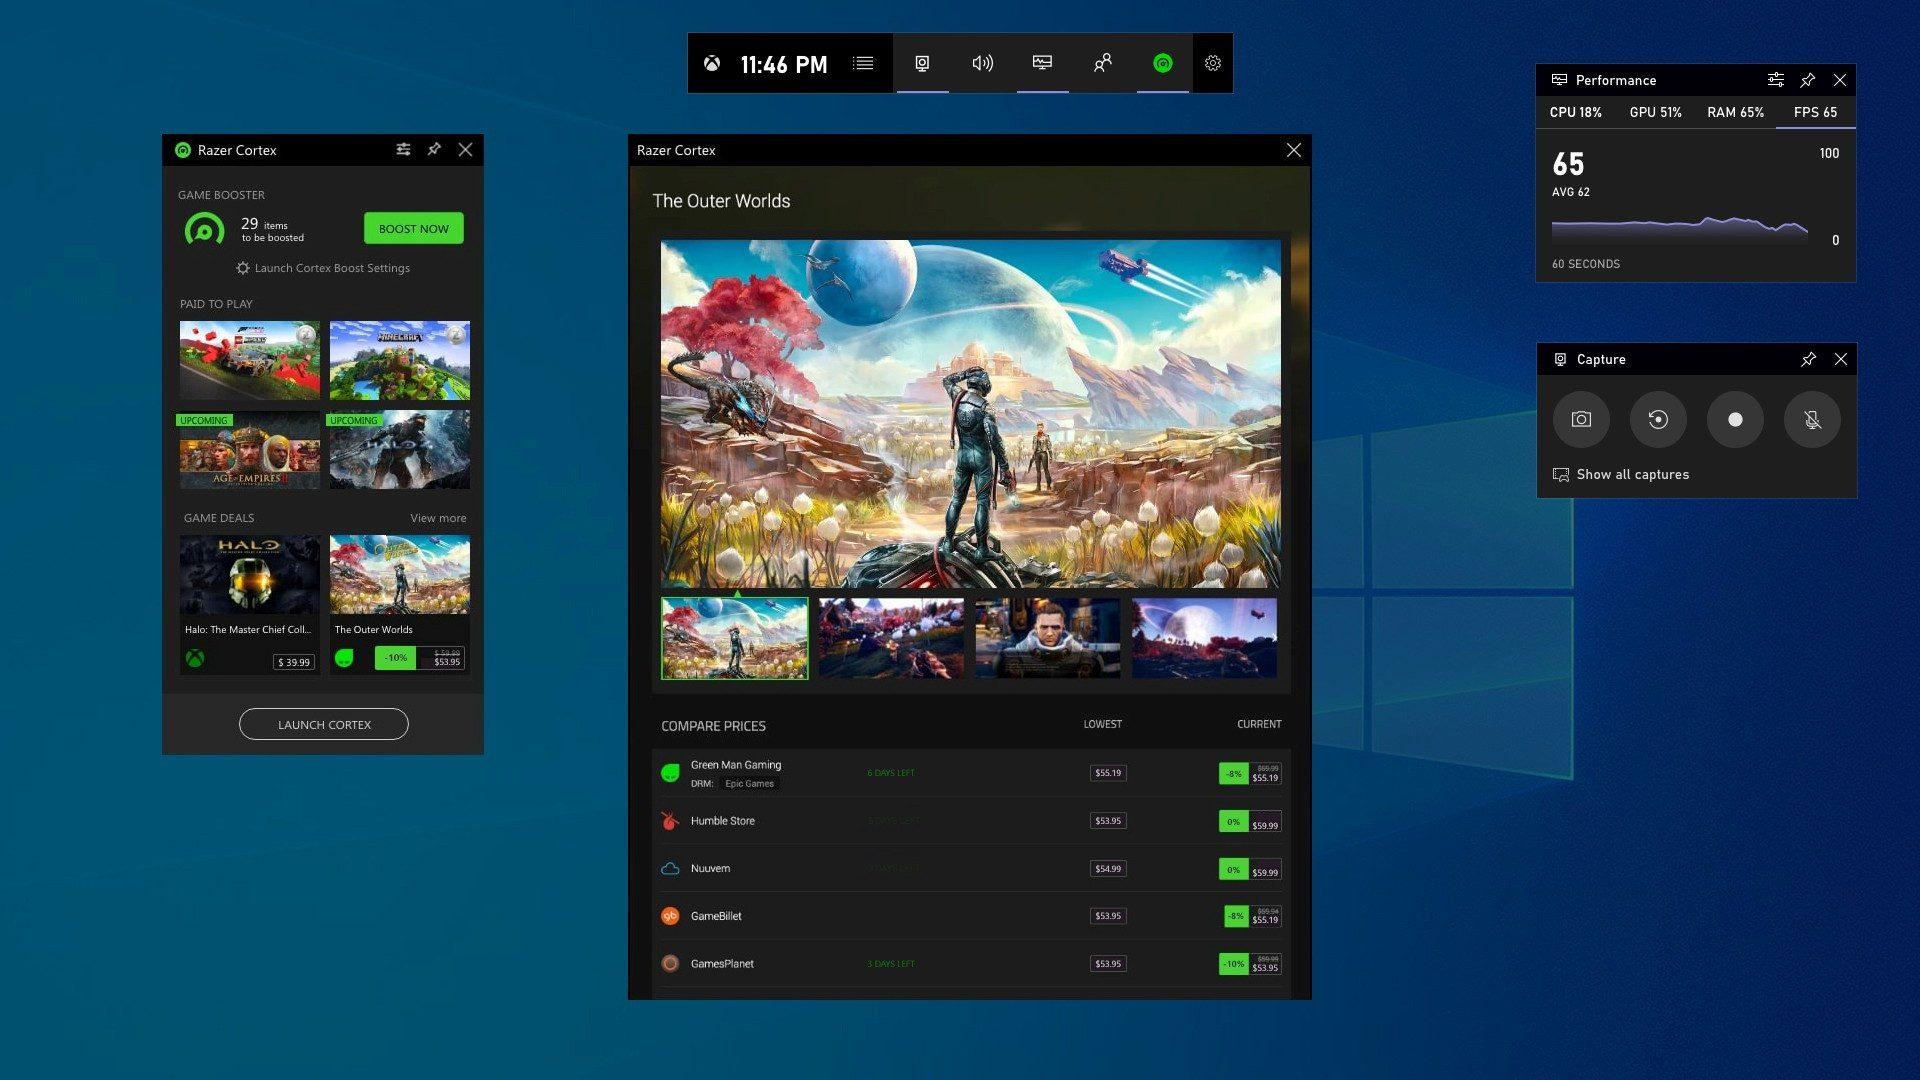 Razer COrtex en la barra de juego de XBox